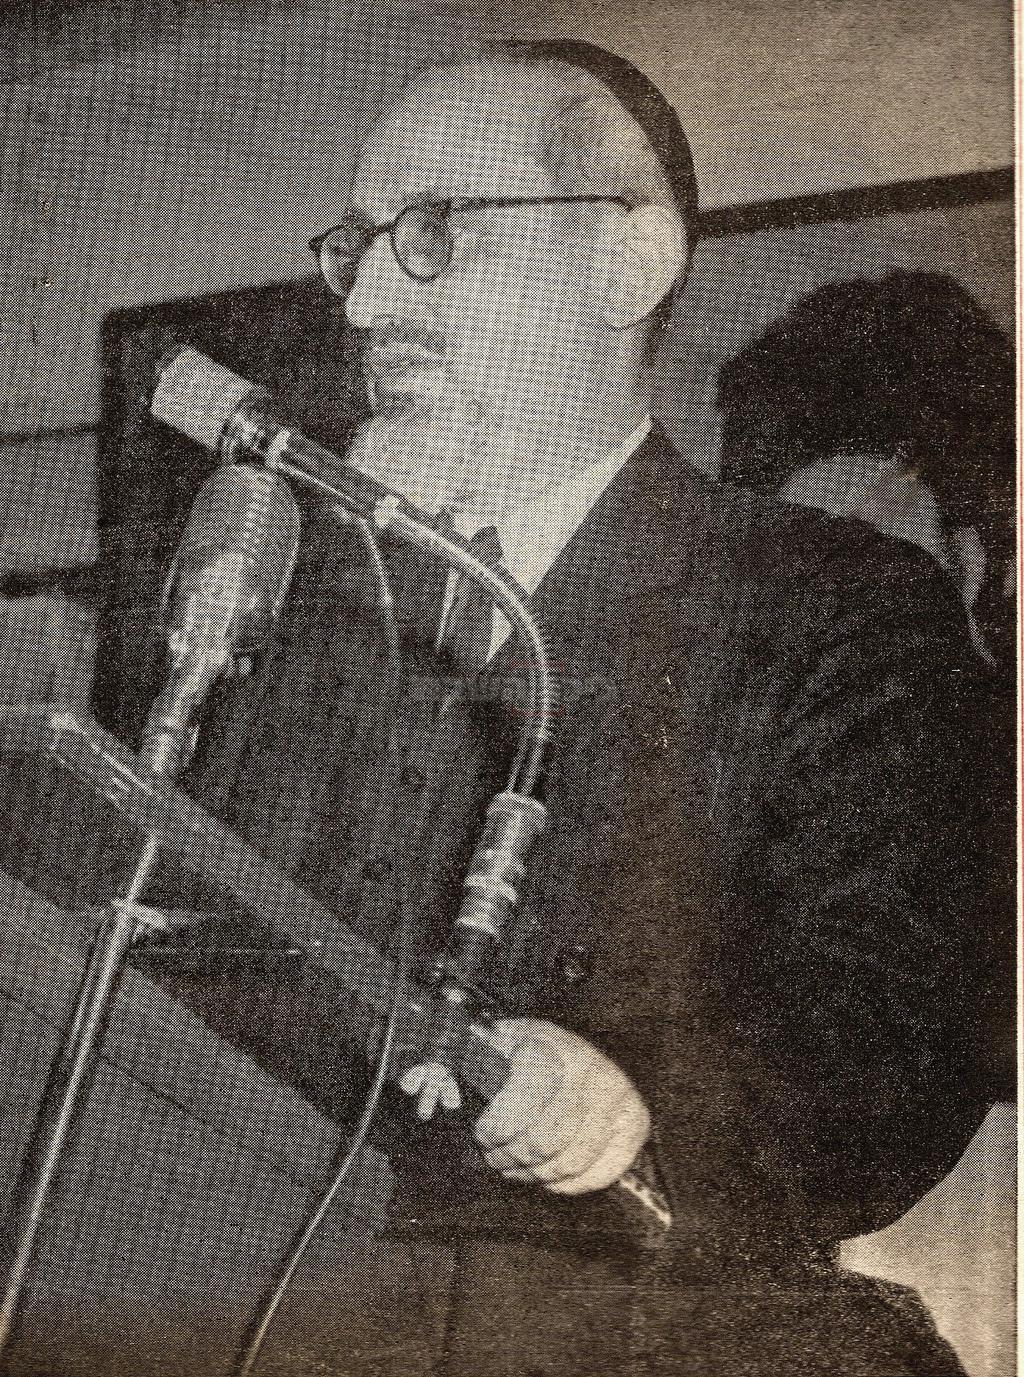 הרב יוסף דב סולובייצ'יק (מתוך ויקיפדיה)